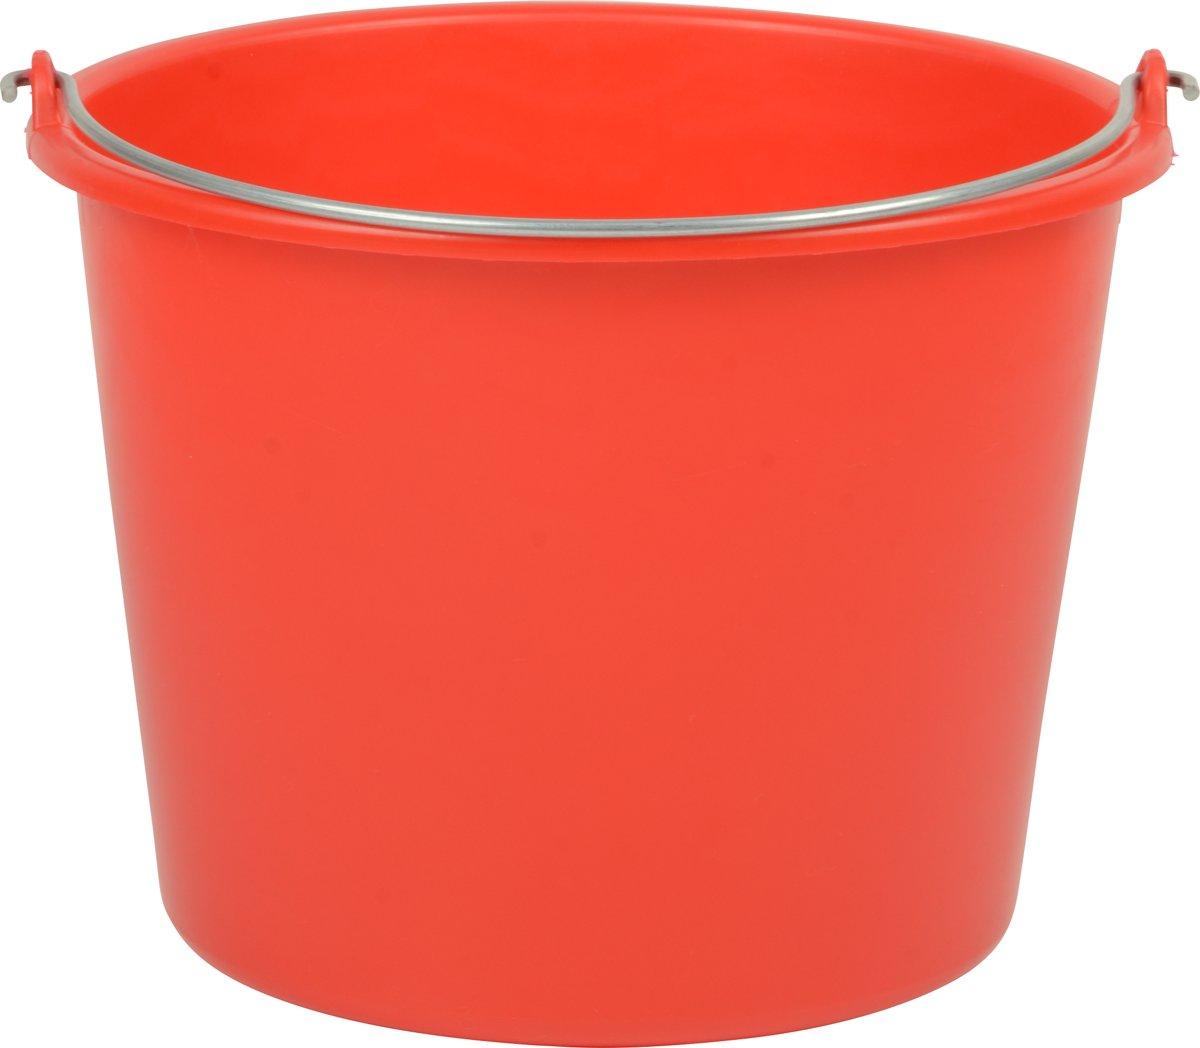 Emmer - Rood - 12 l kopen